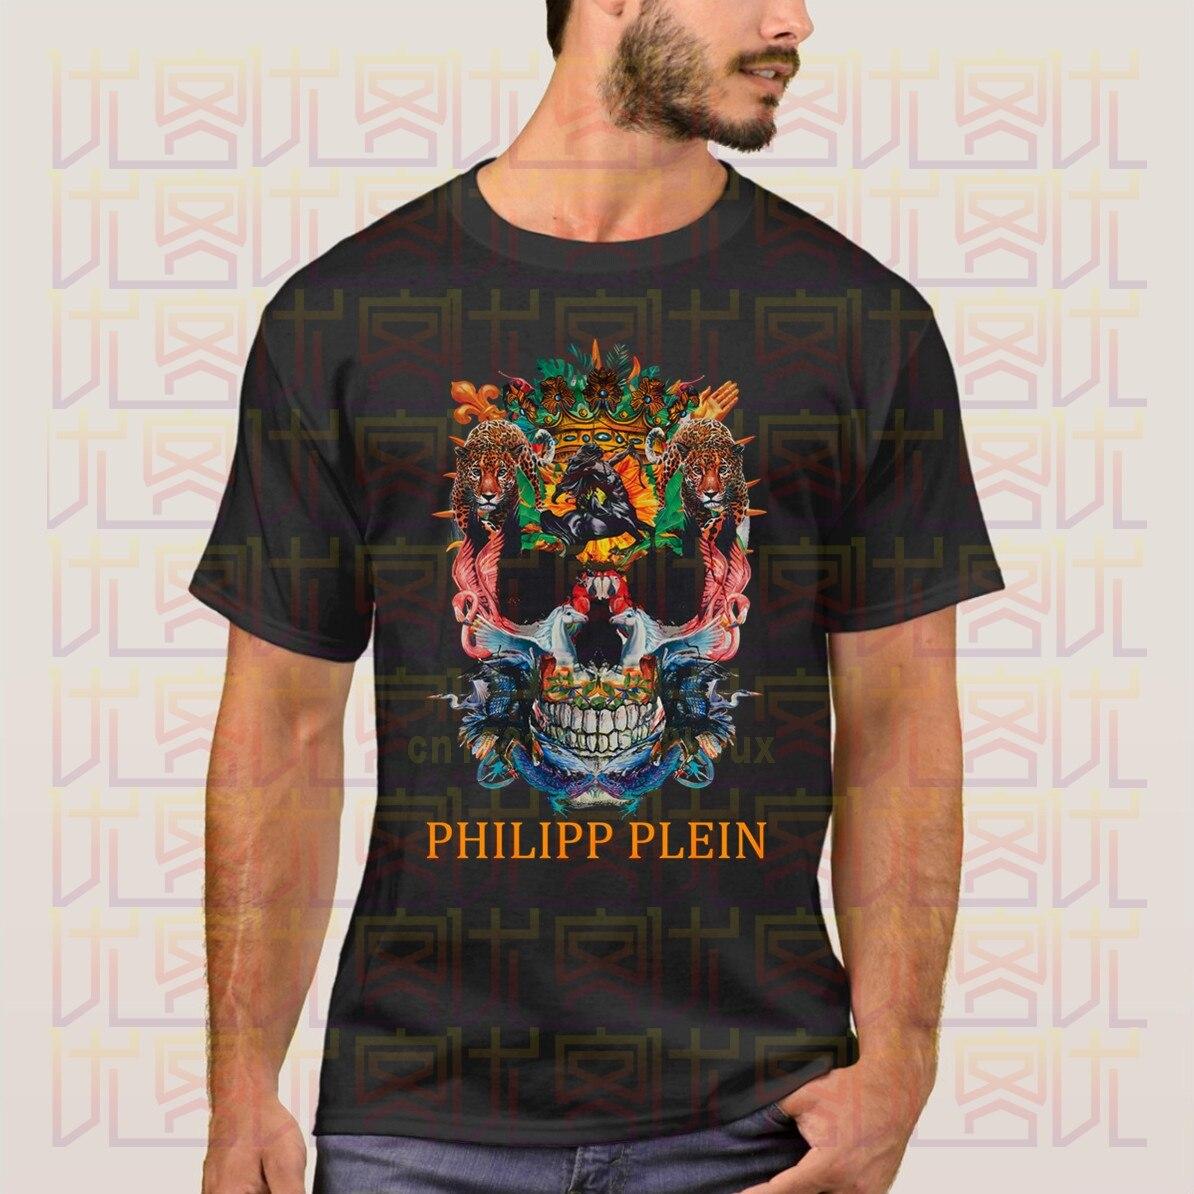 Camiseta Retro con estampado de calavera y animales de estilo Retro, camiseta informal de manga corta para hombre, ropa de calle, nuevas camisetas informales Plein Amazing